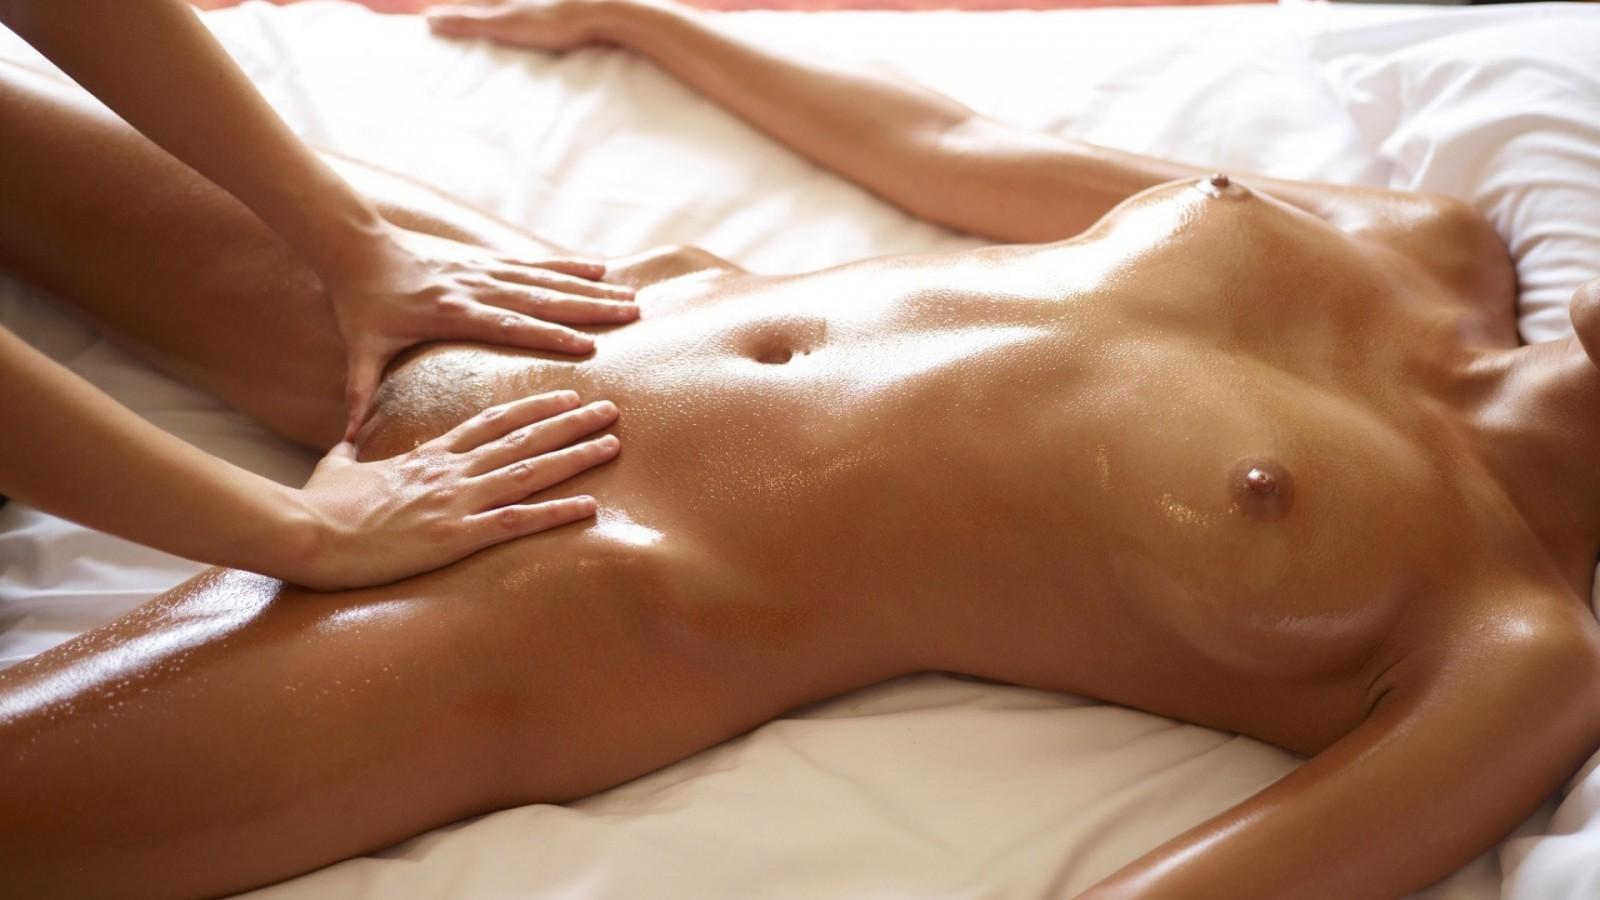 eroticheskiy-massazh-gifki